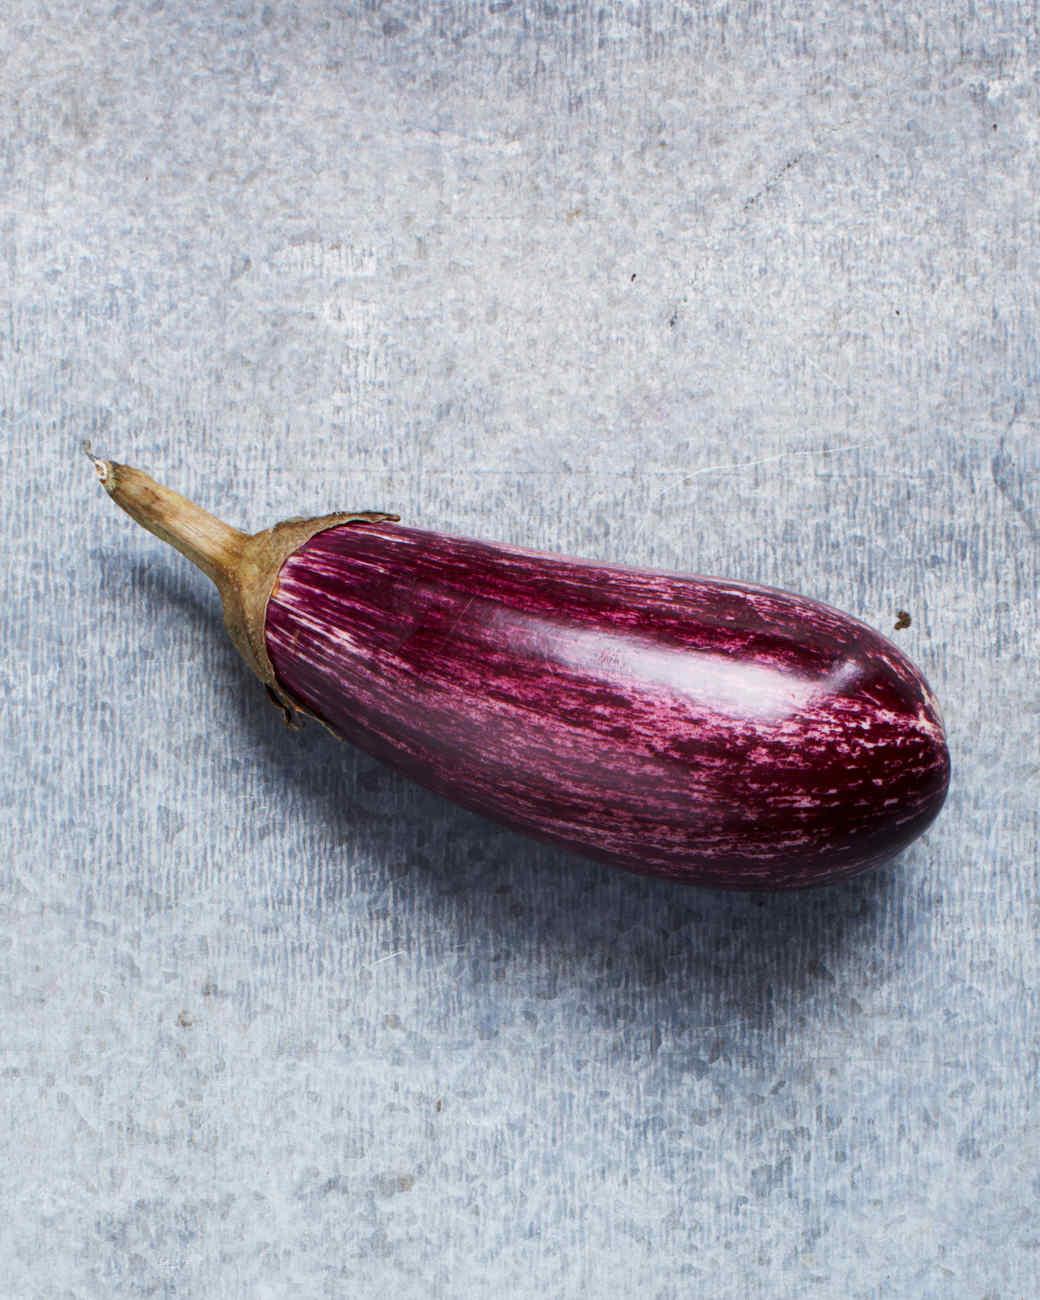 eggplant-glossary-127-d110486-0515.jpg